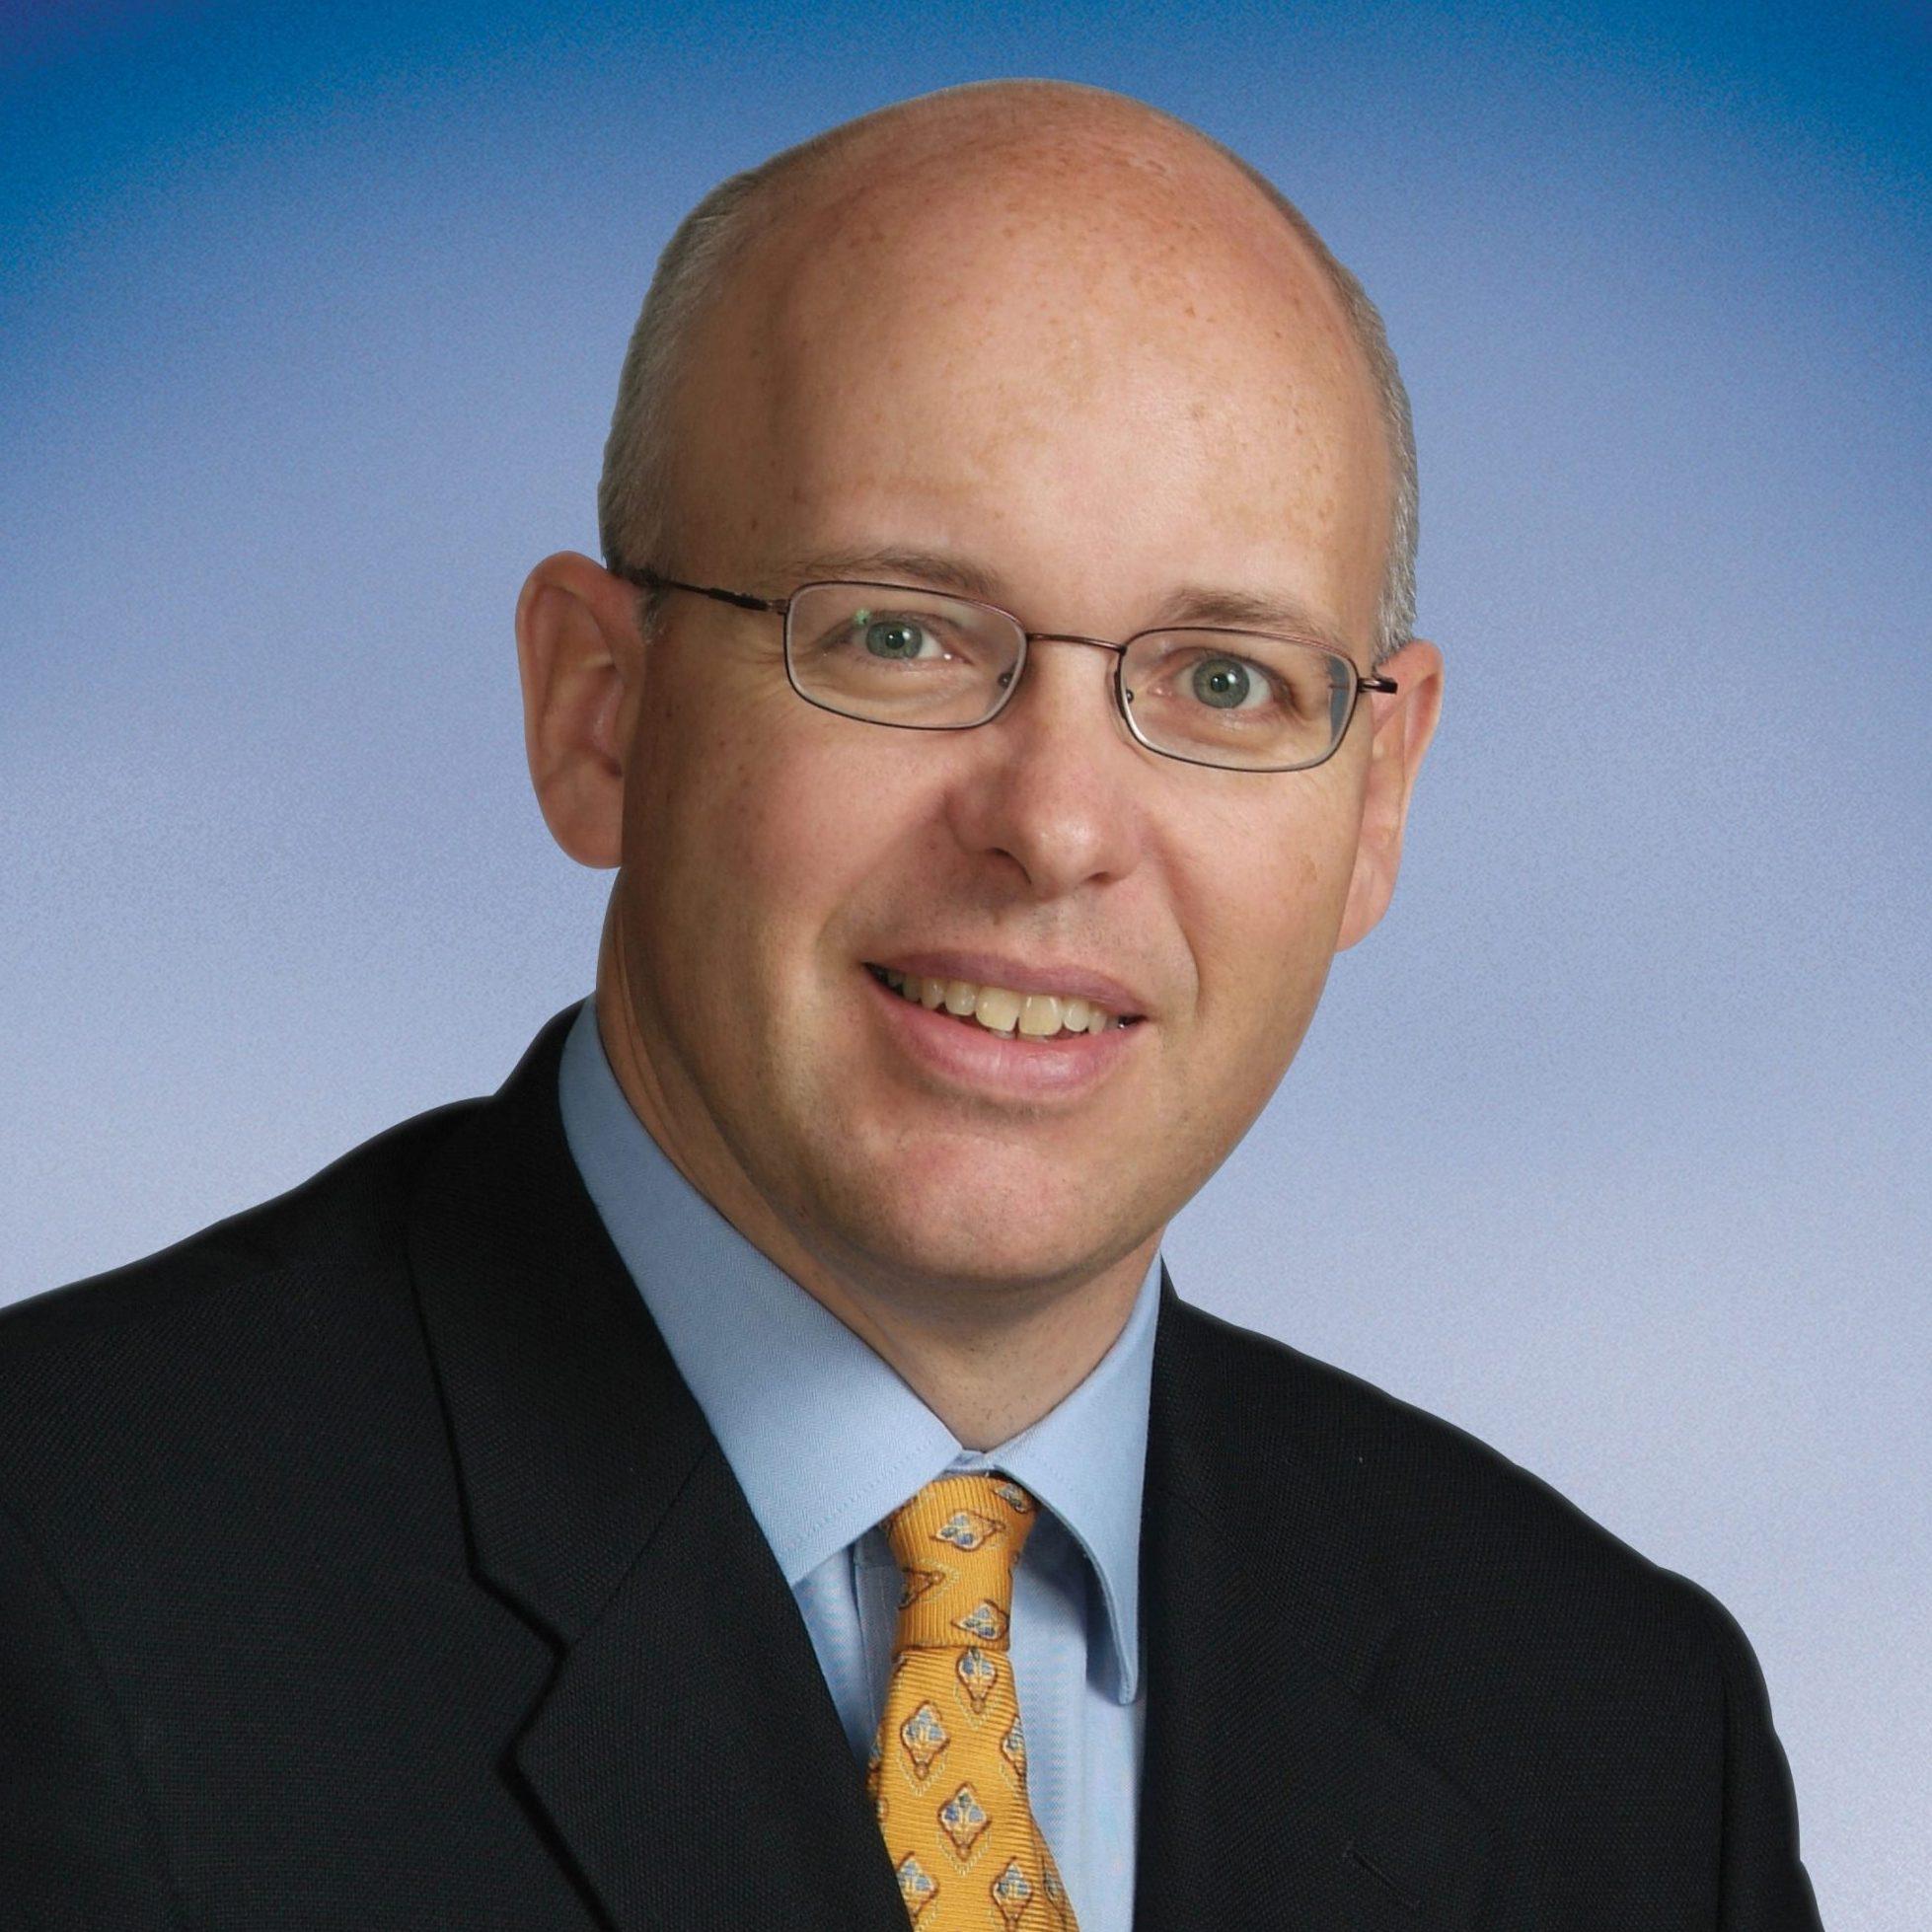 J. Scott Roth, MD, FACS